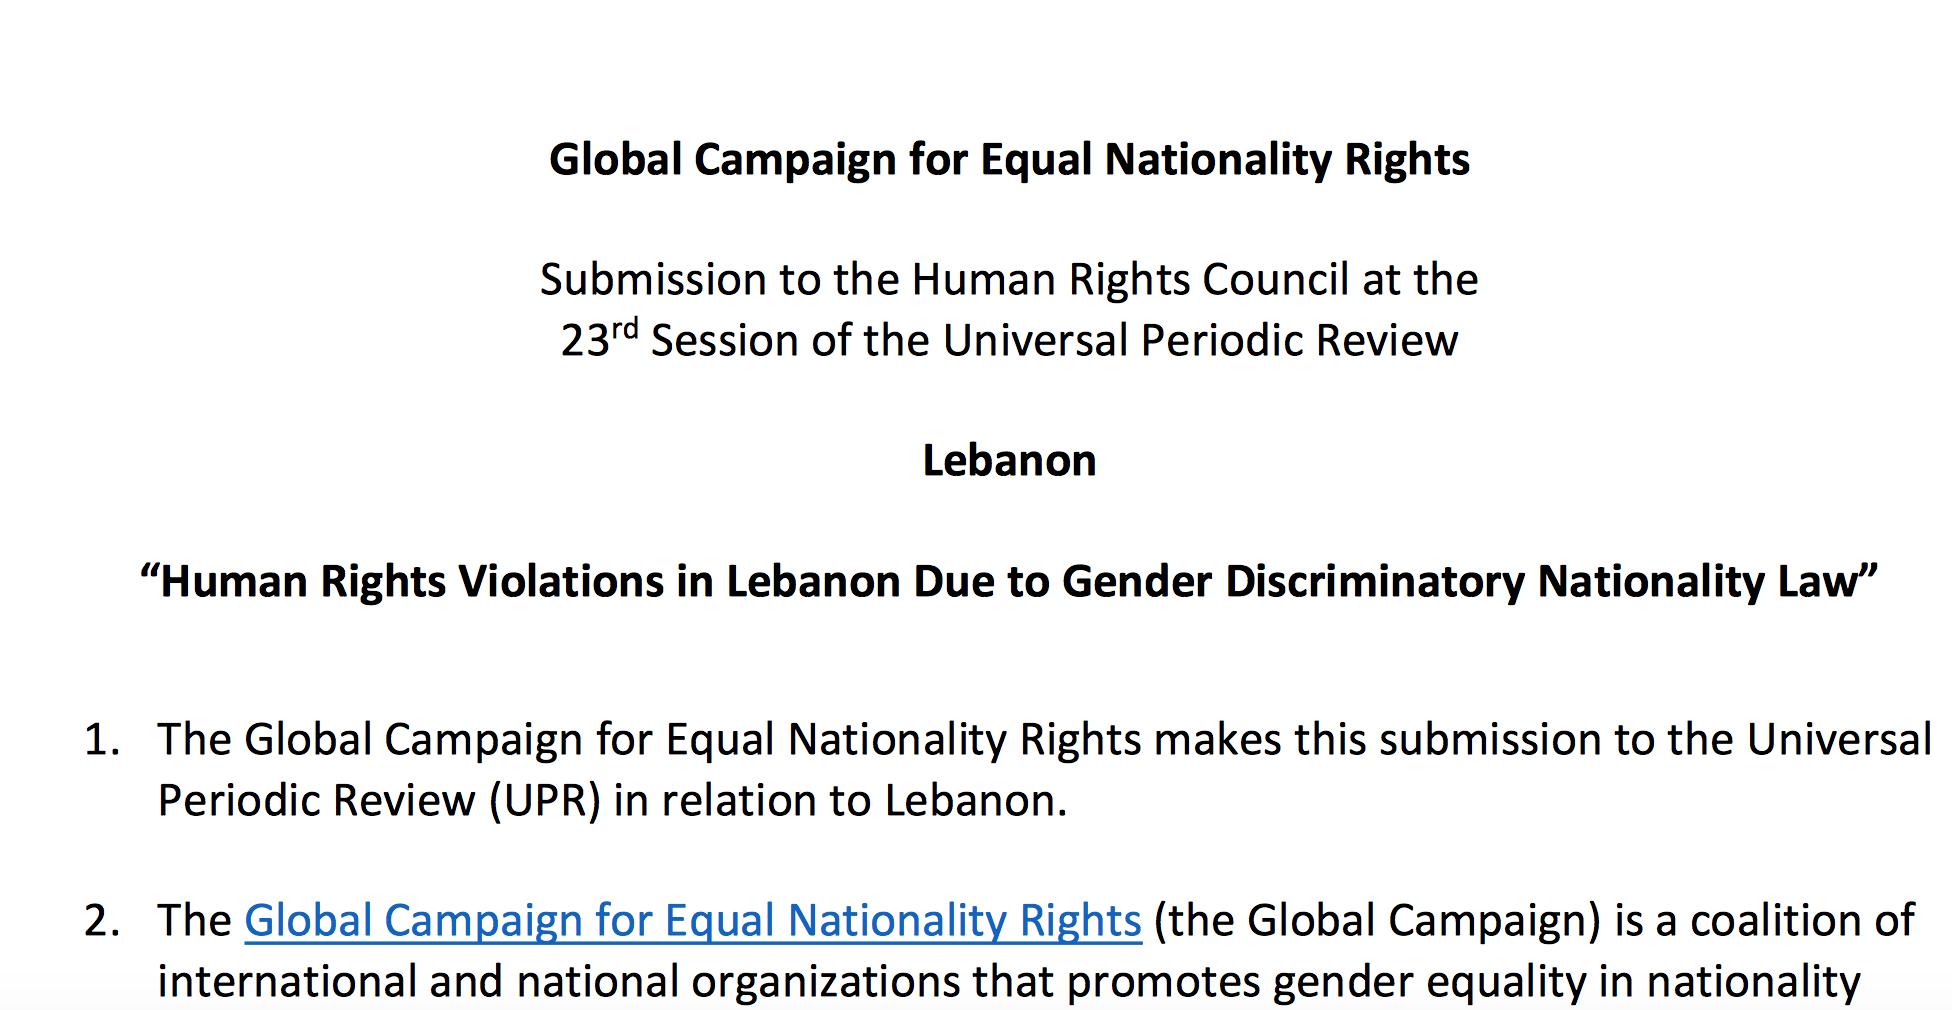 تقرير الحملة العالمية حول المساواة في الجنسية الاستعراض الدوري الشامل ٢٠١٥